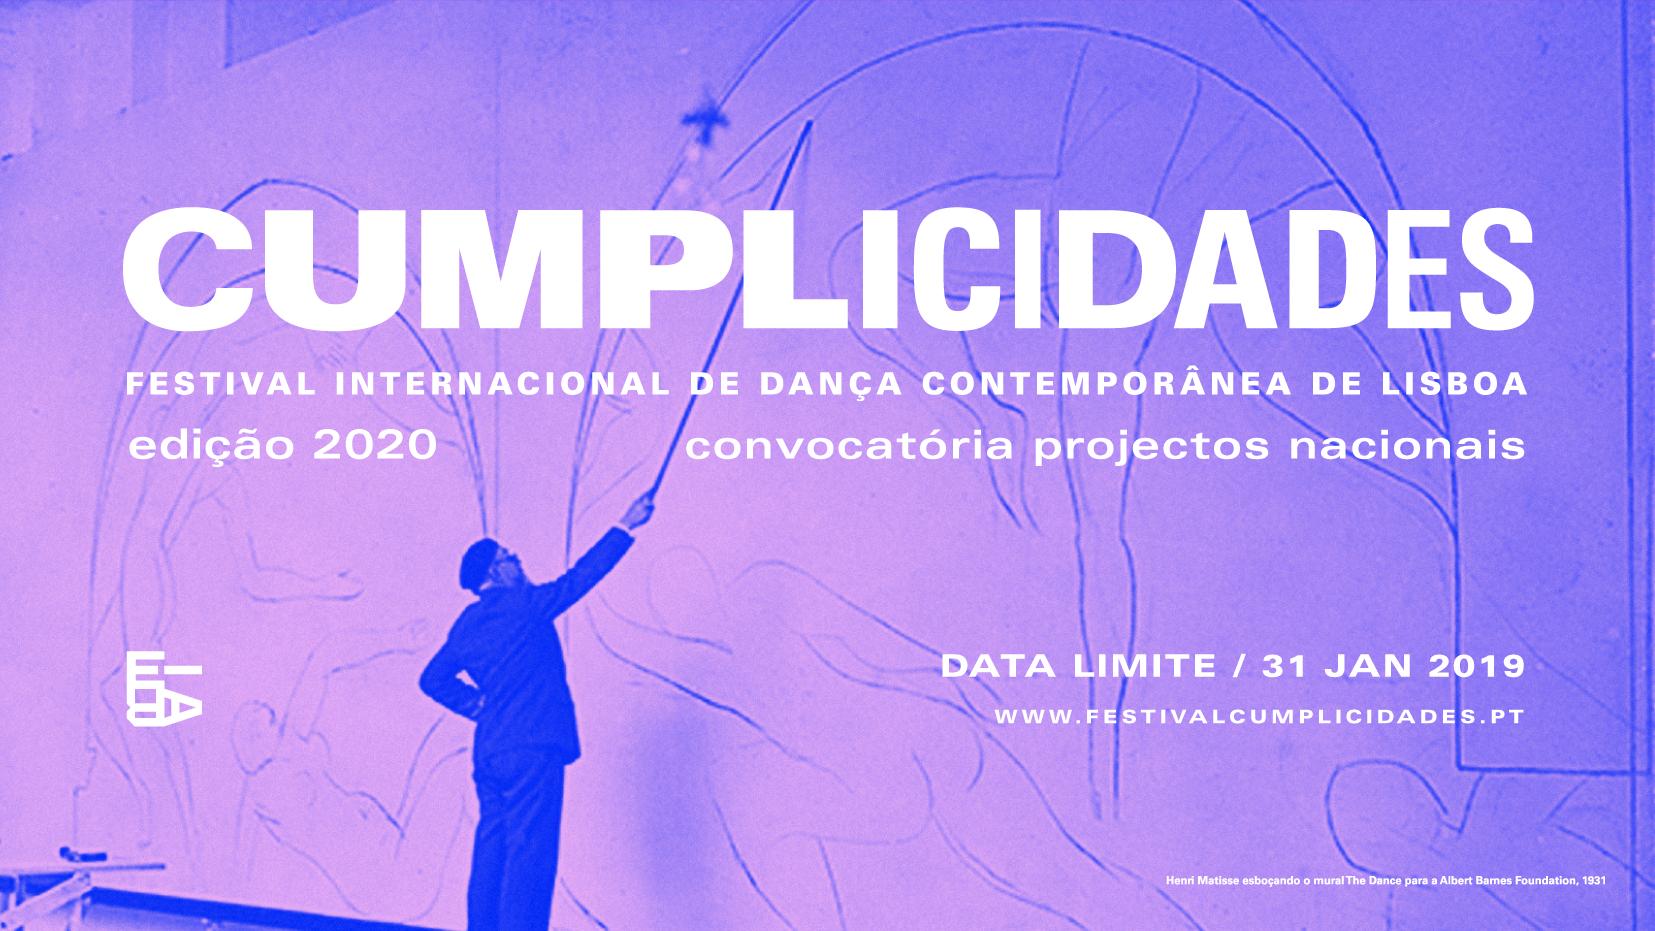 CUMPLICIDADES 2020 – Convocatória para projectos nacionais